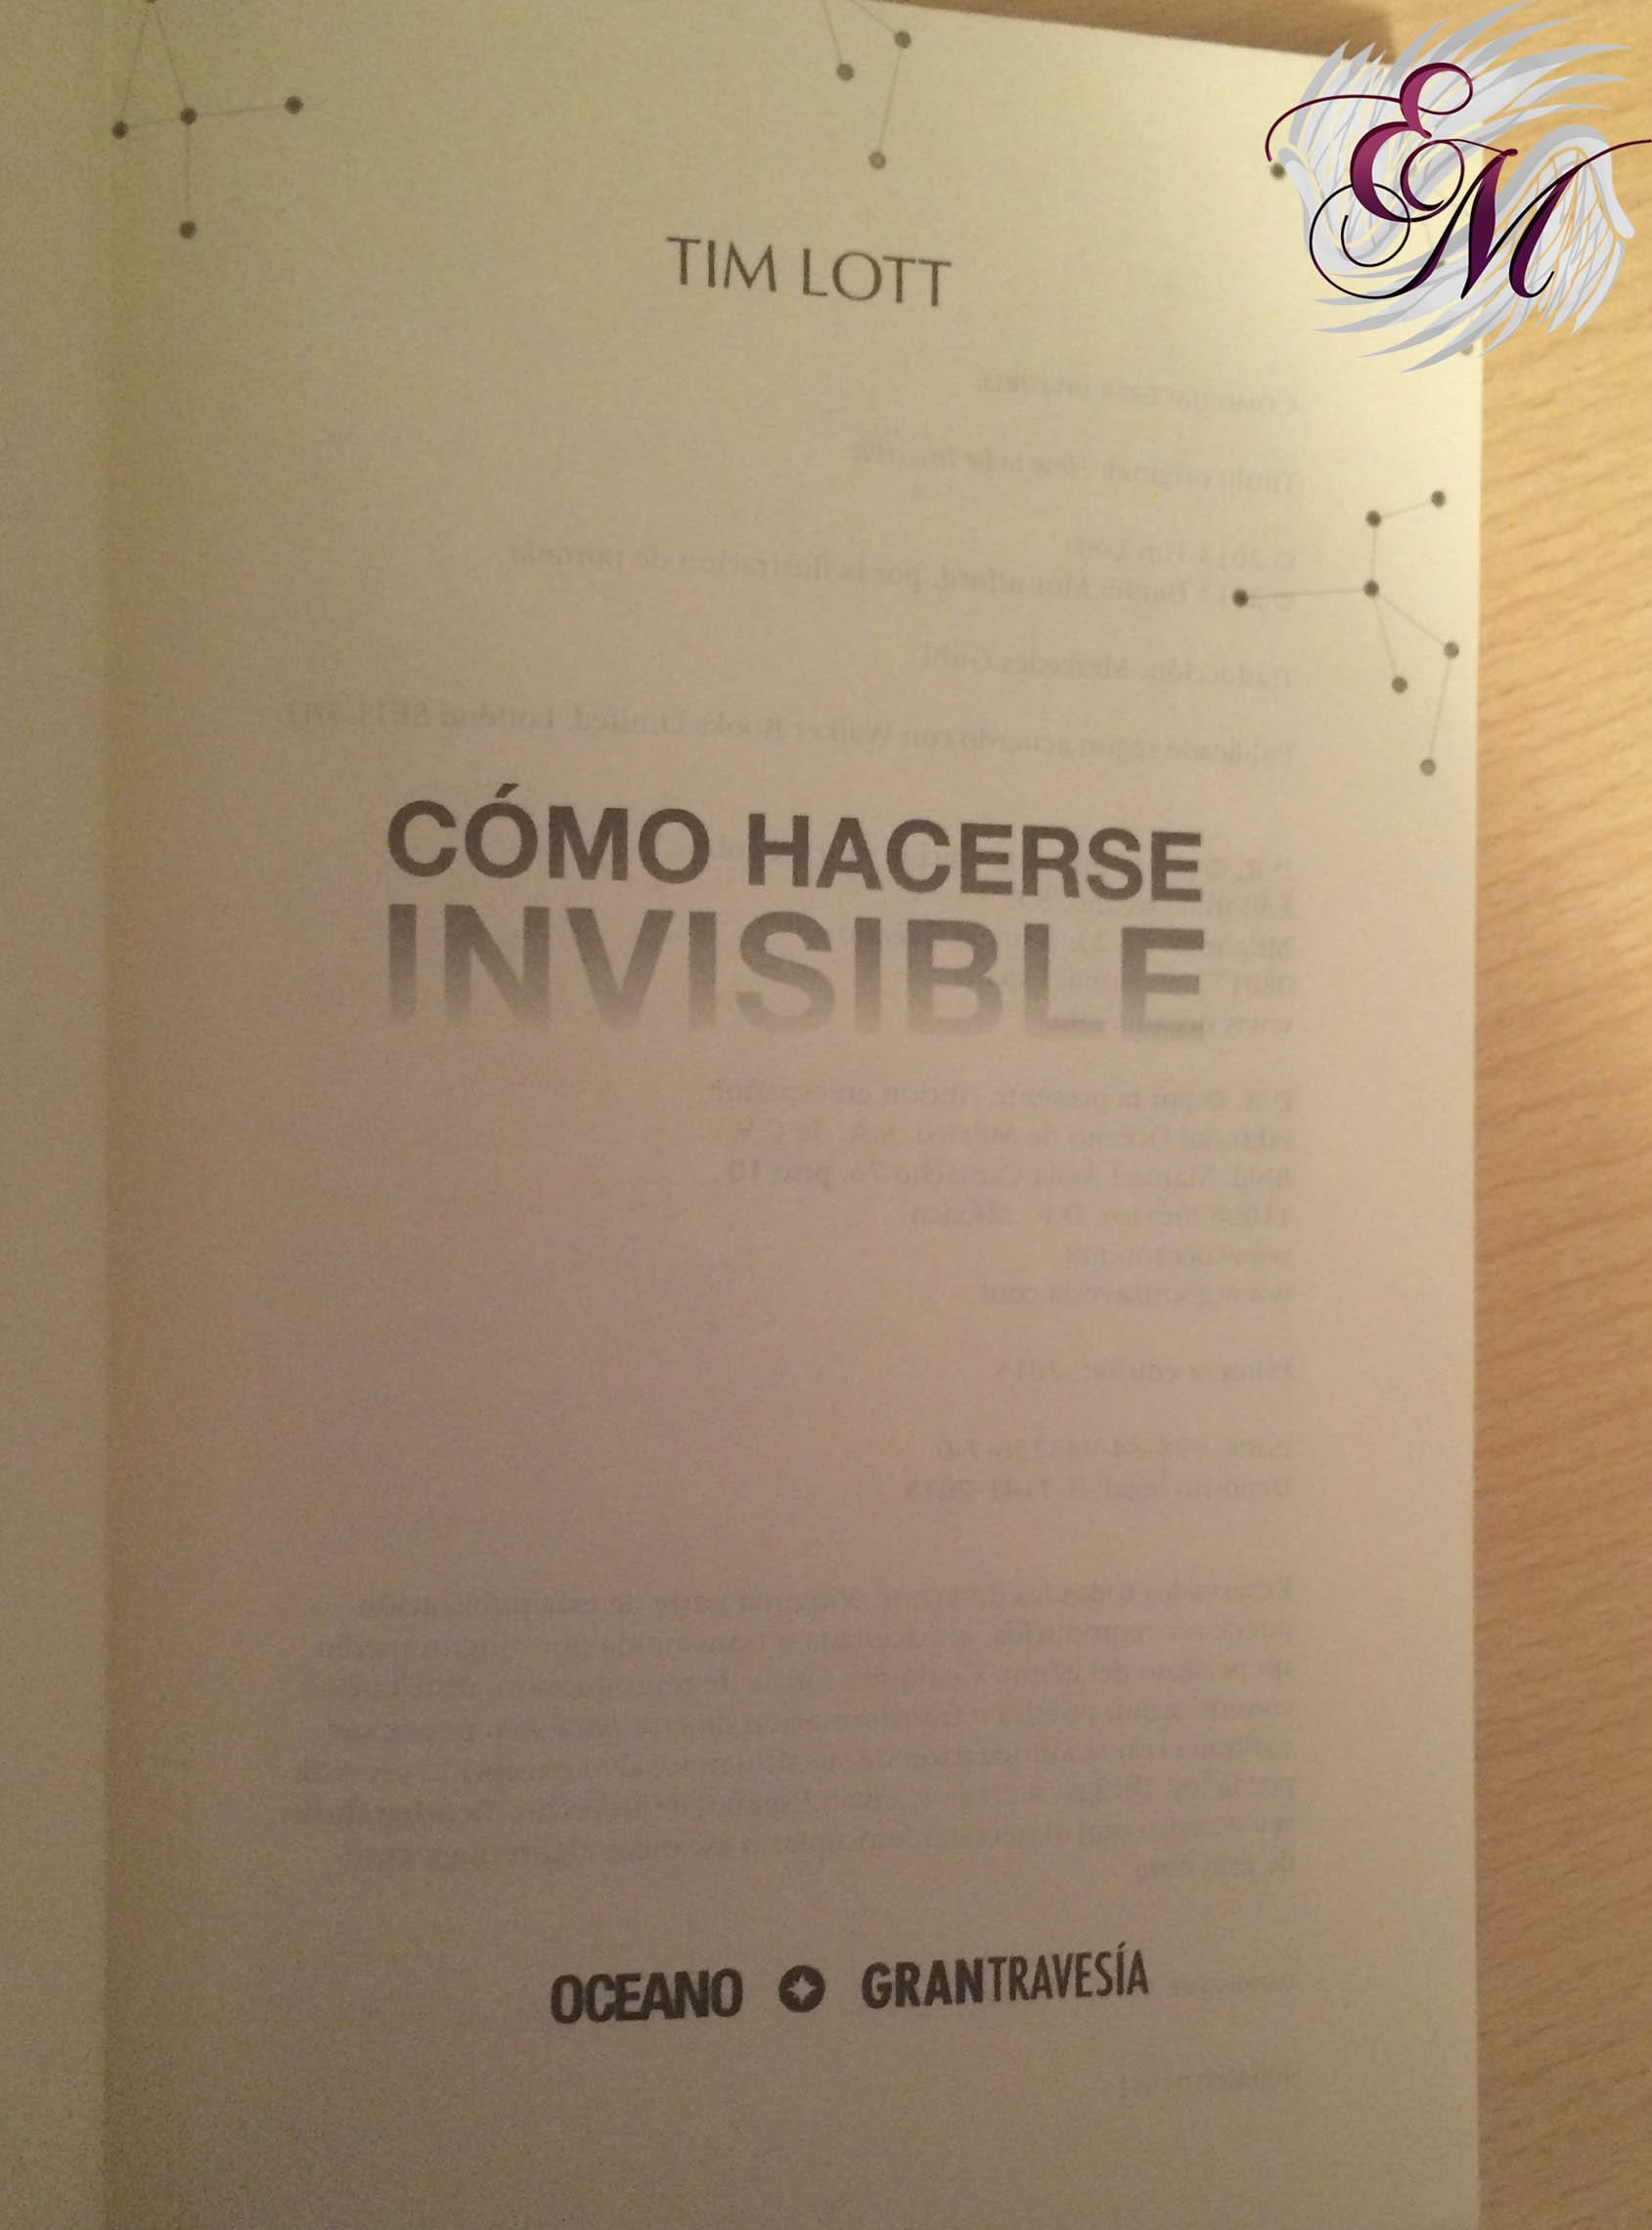 Cómo hacerse invisible, de Tim Lott - Reseña